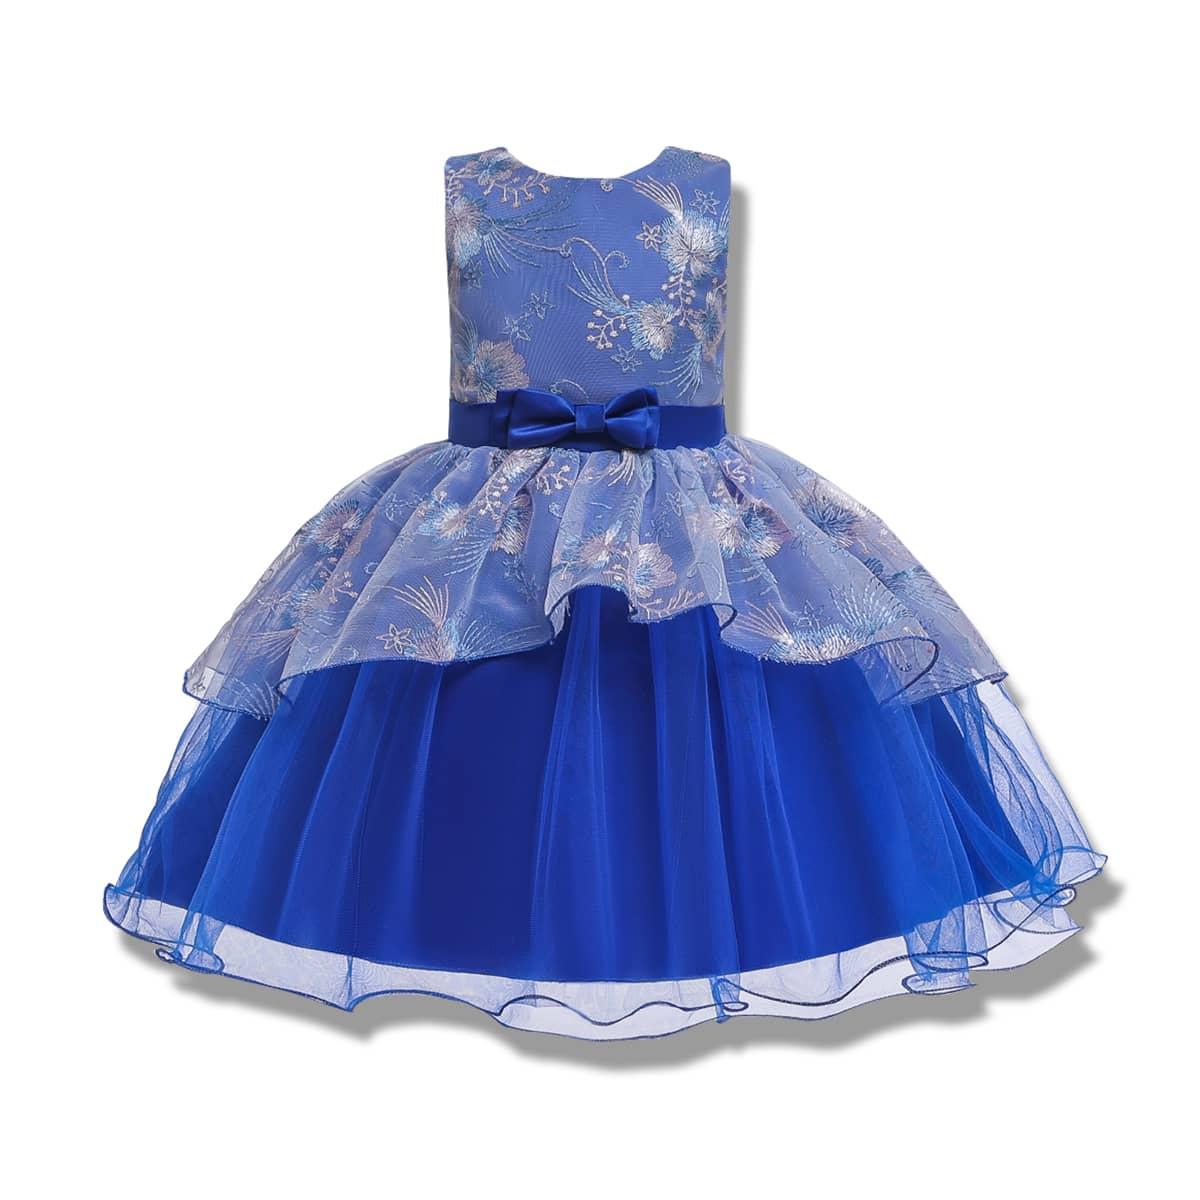 С вышивкой цветочный принт очаровательный нарядное платье для маленьких девочек